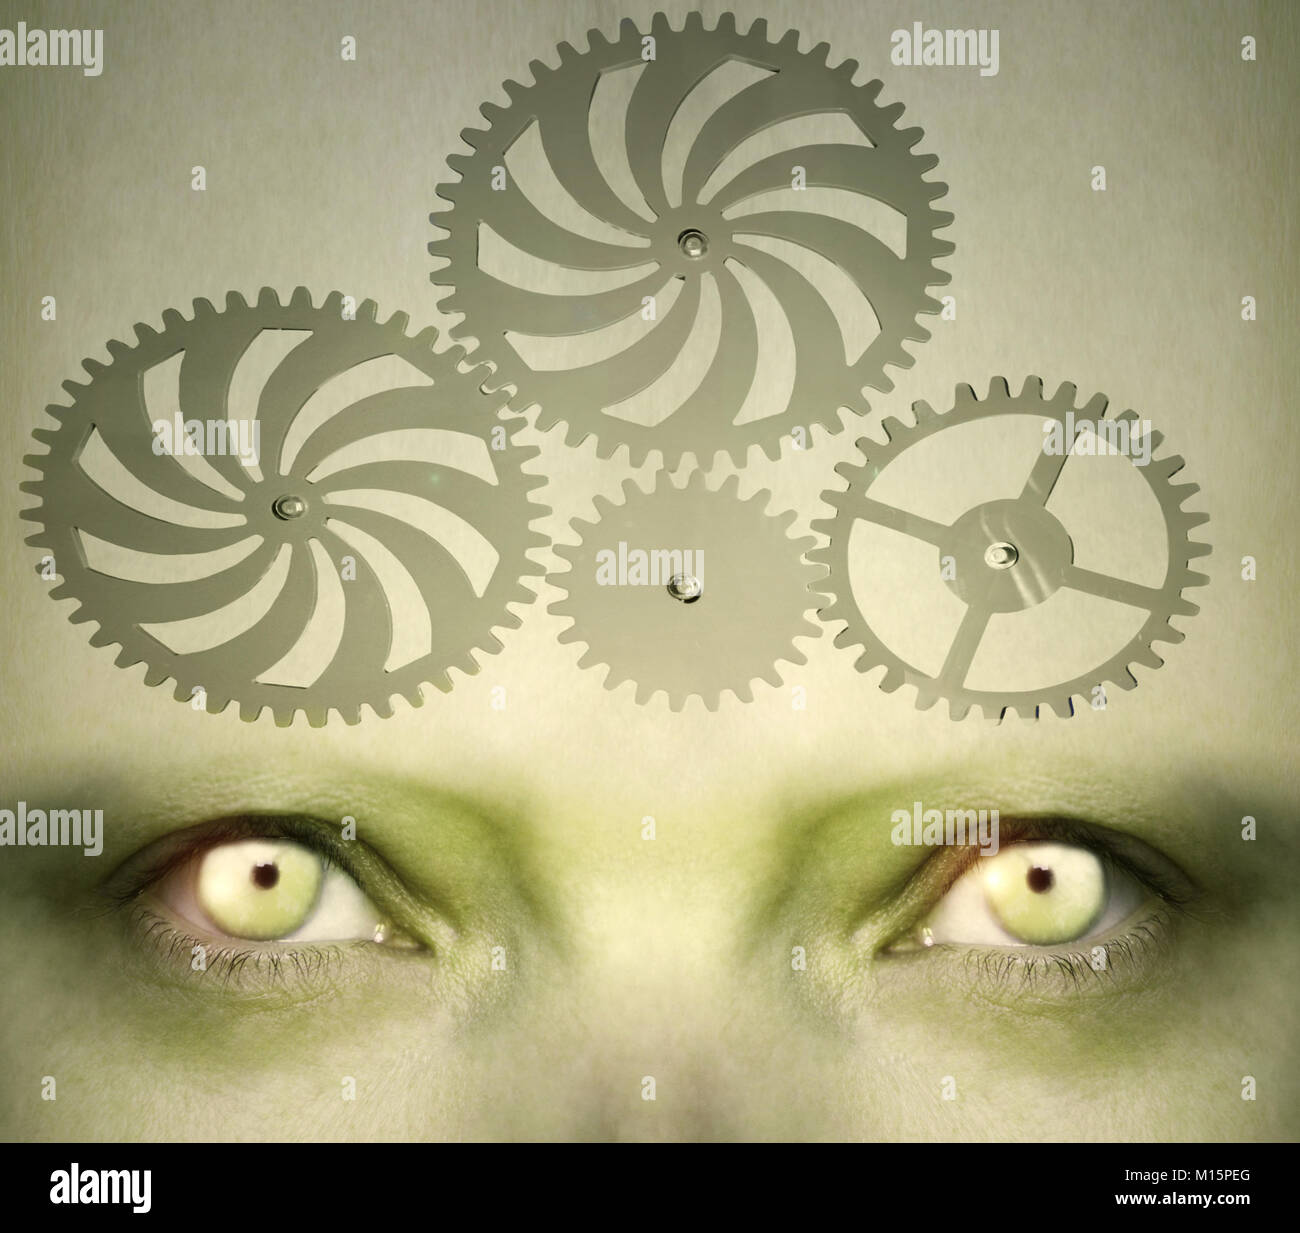 Los ojos humanos con el tallado en la frente que representa un concepto abstracto de la complejidad de la mente Imagen De Stock